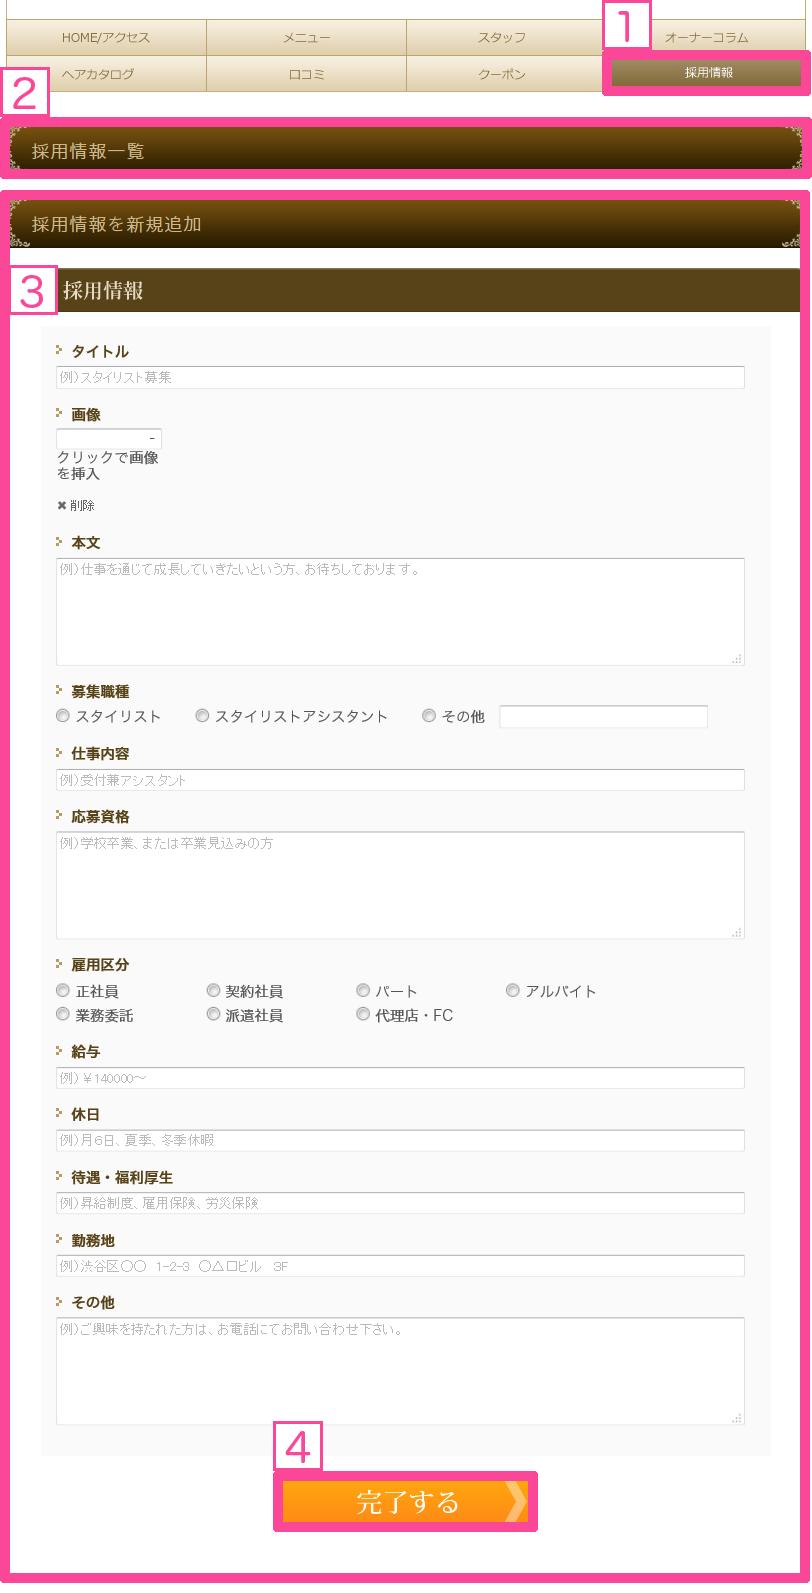 採用情報のページ